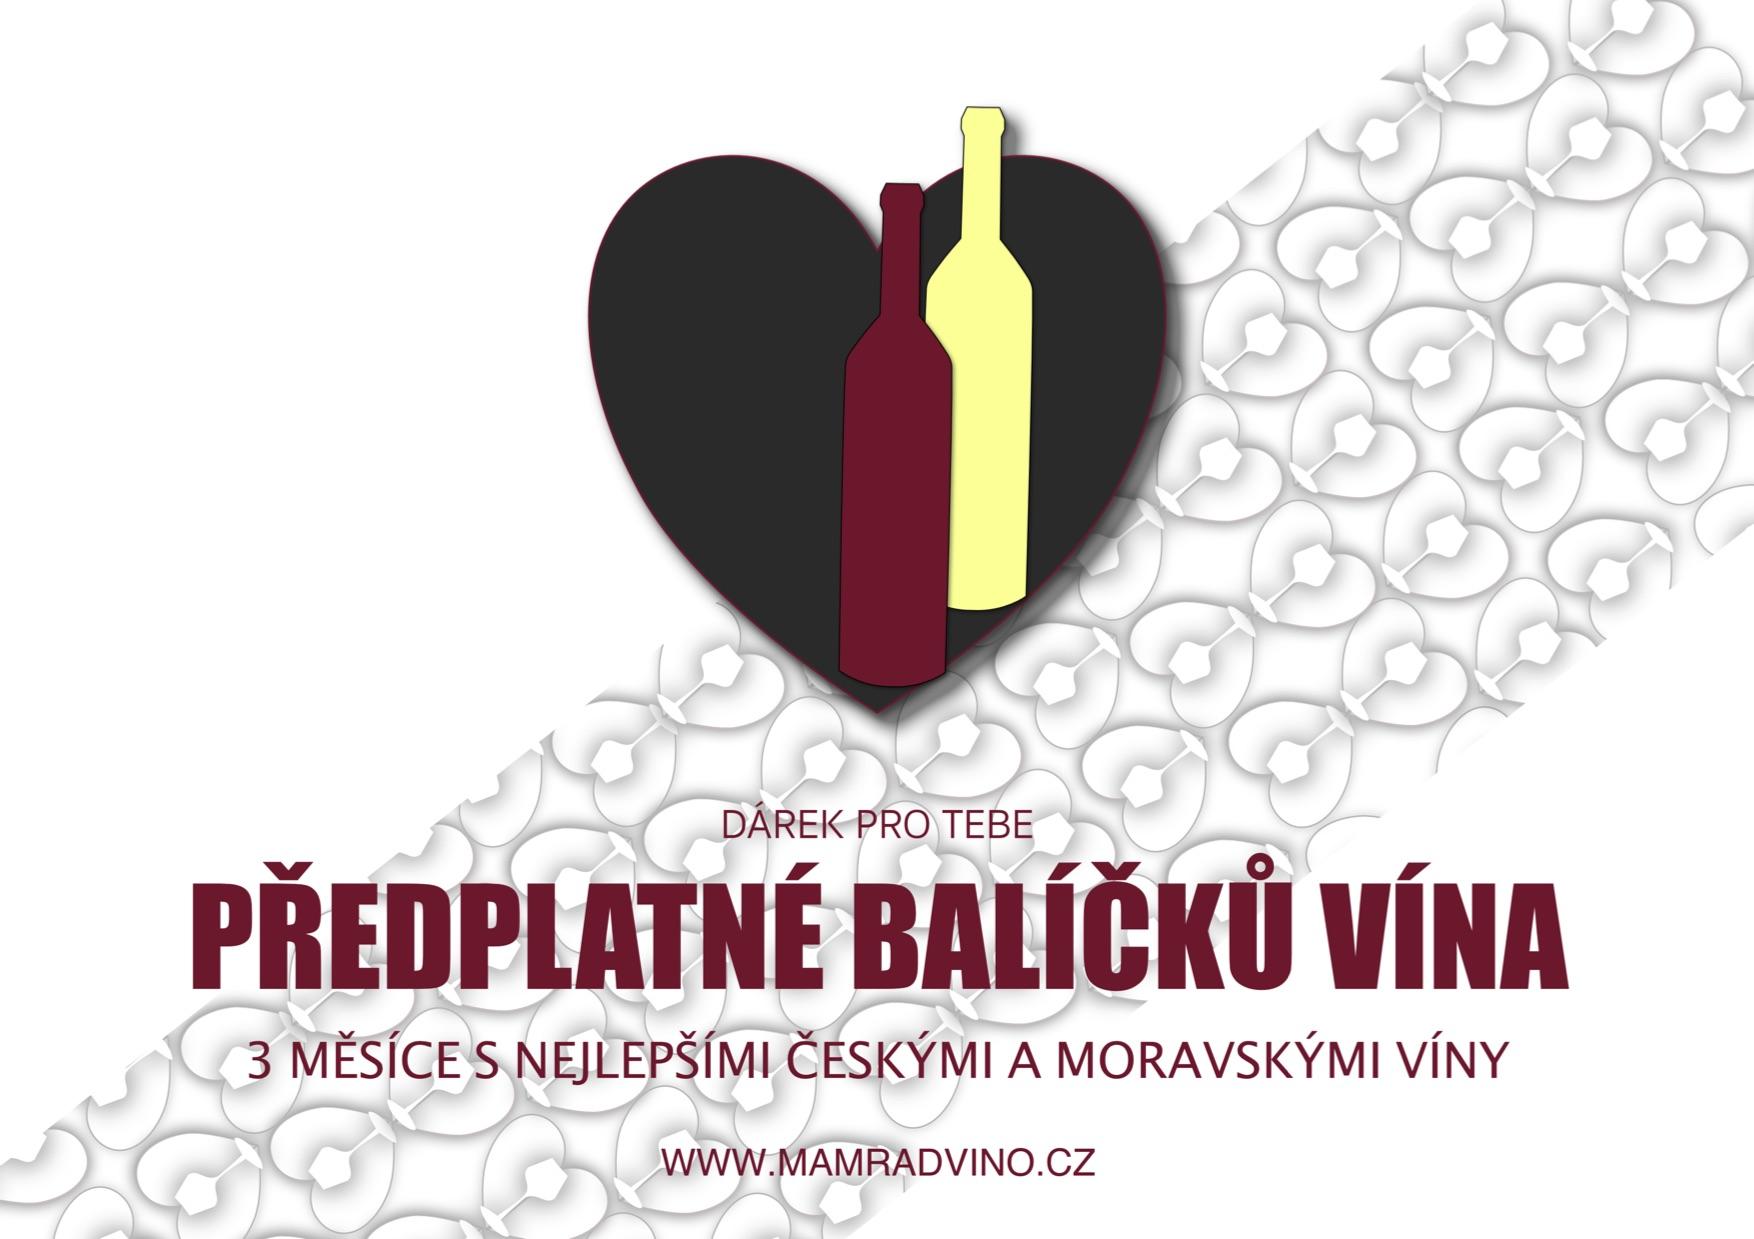 Dárkový poukaz na předplatné vína